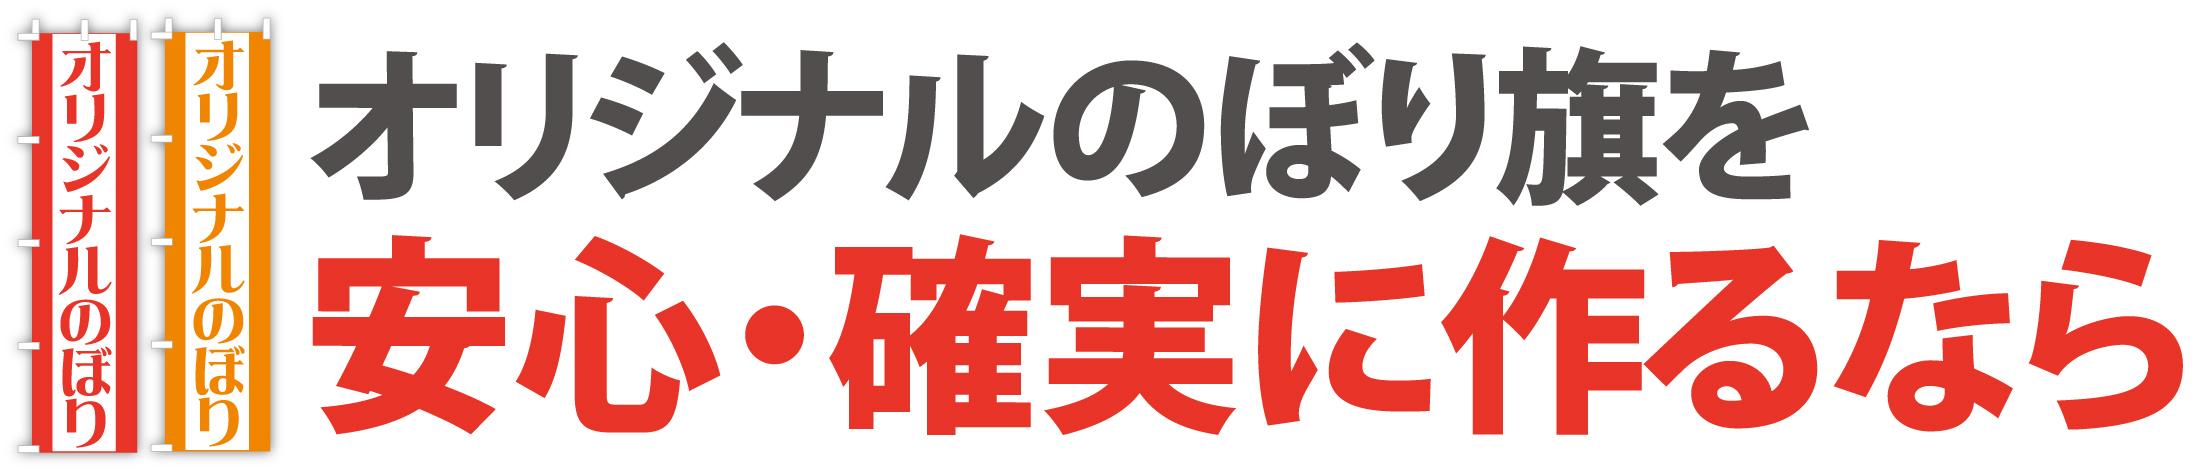 のぼり旗オリジナルオーダー専門店